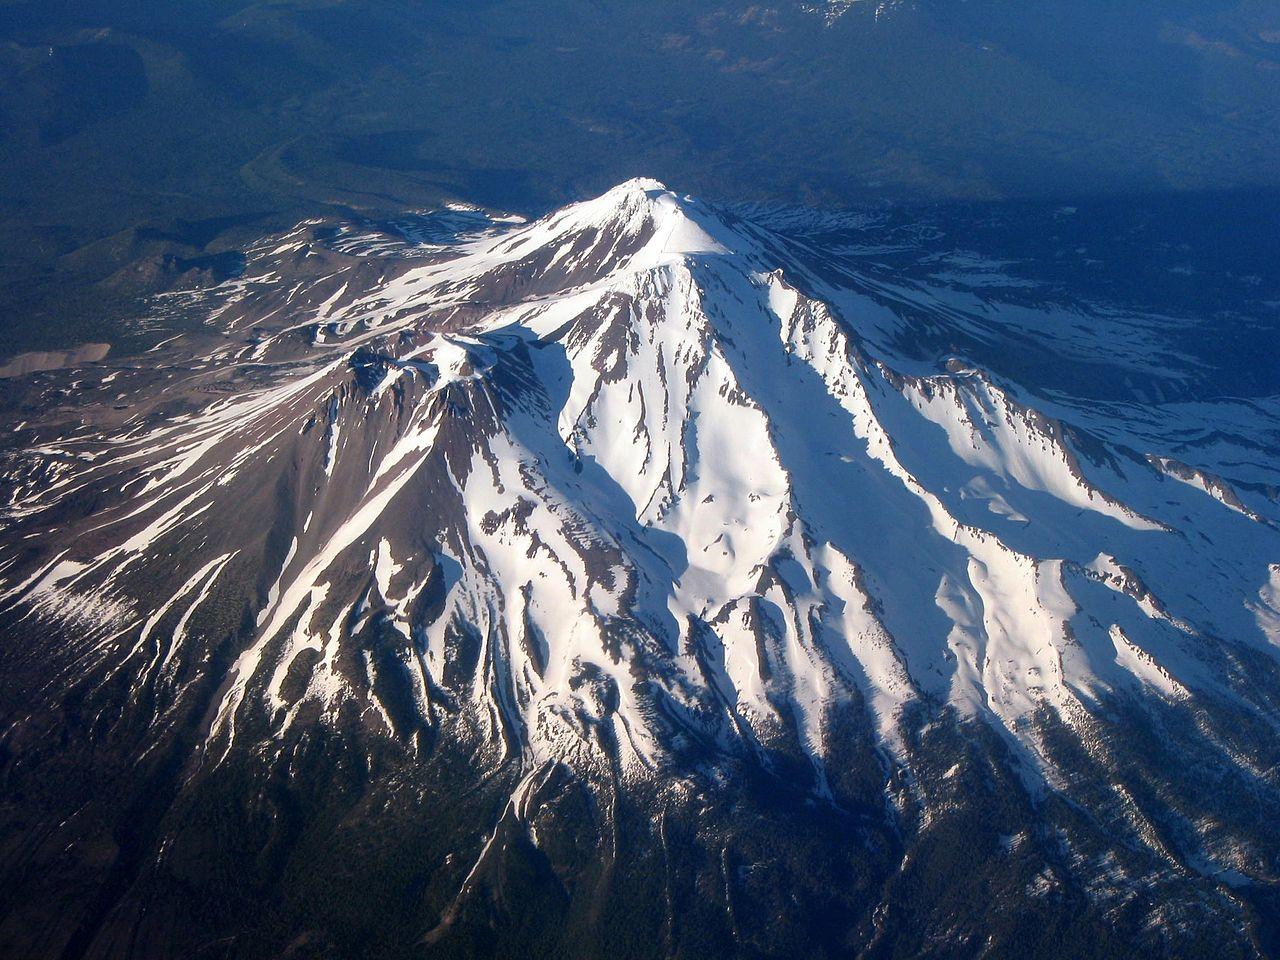 Гора Шаста, вид с воздуха